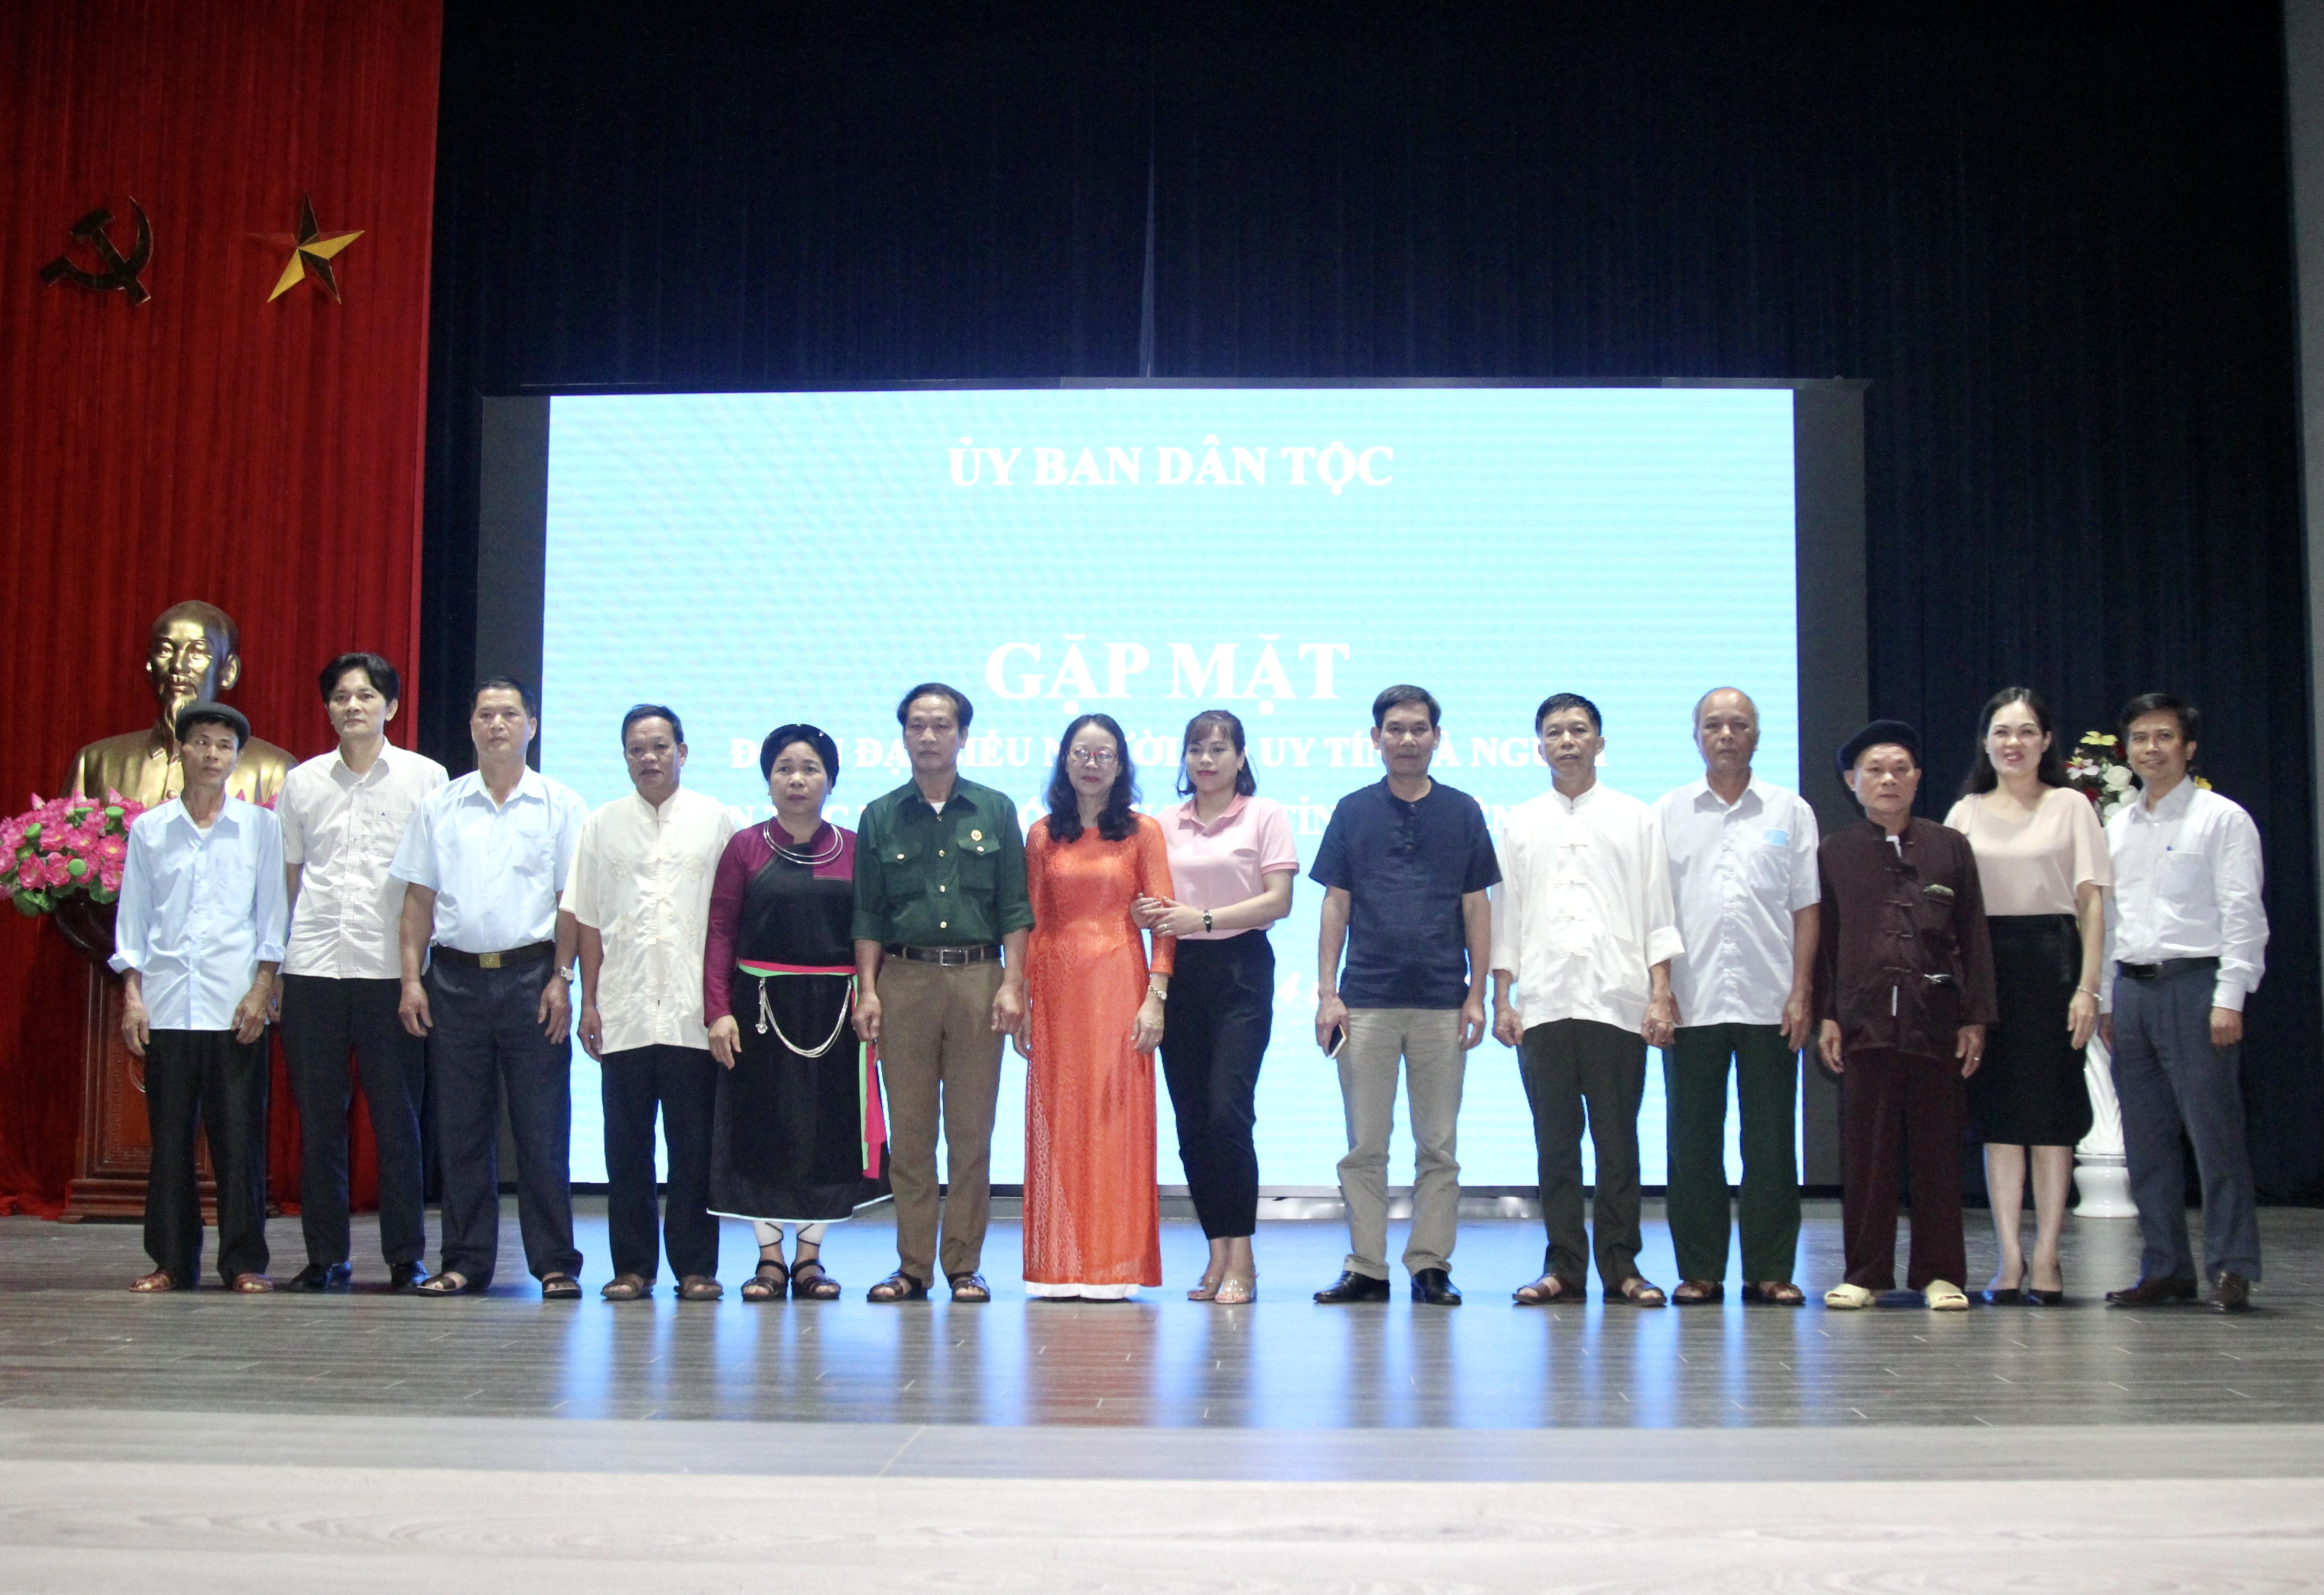 Thứ trưởng, Phó Chủ nhiệm UBDT Hoàng Thị Hạnh chụp ảnh lưu niệm cùng các đại biểu